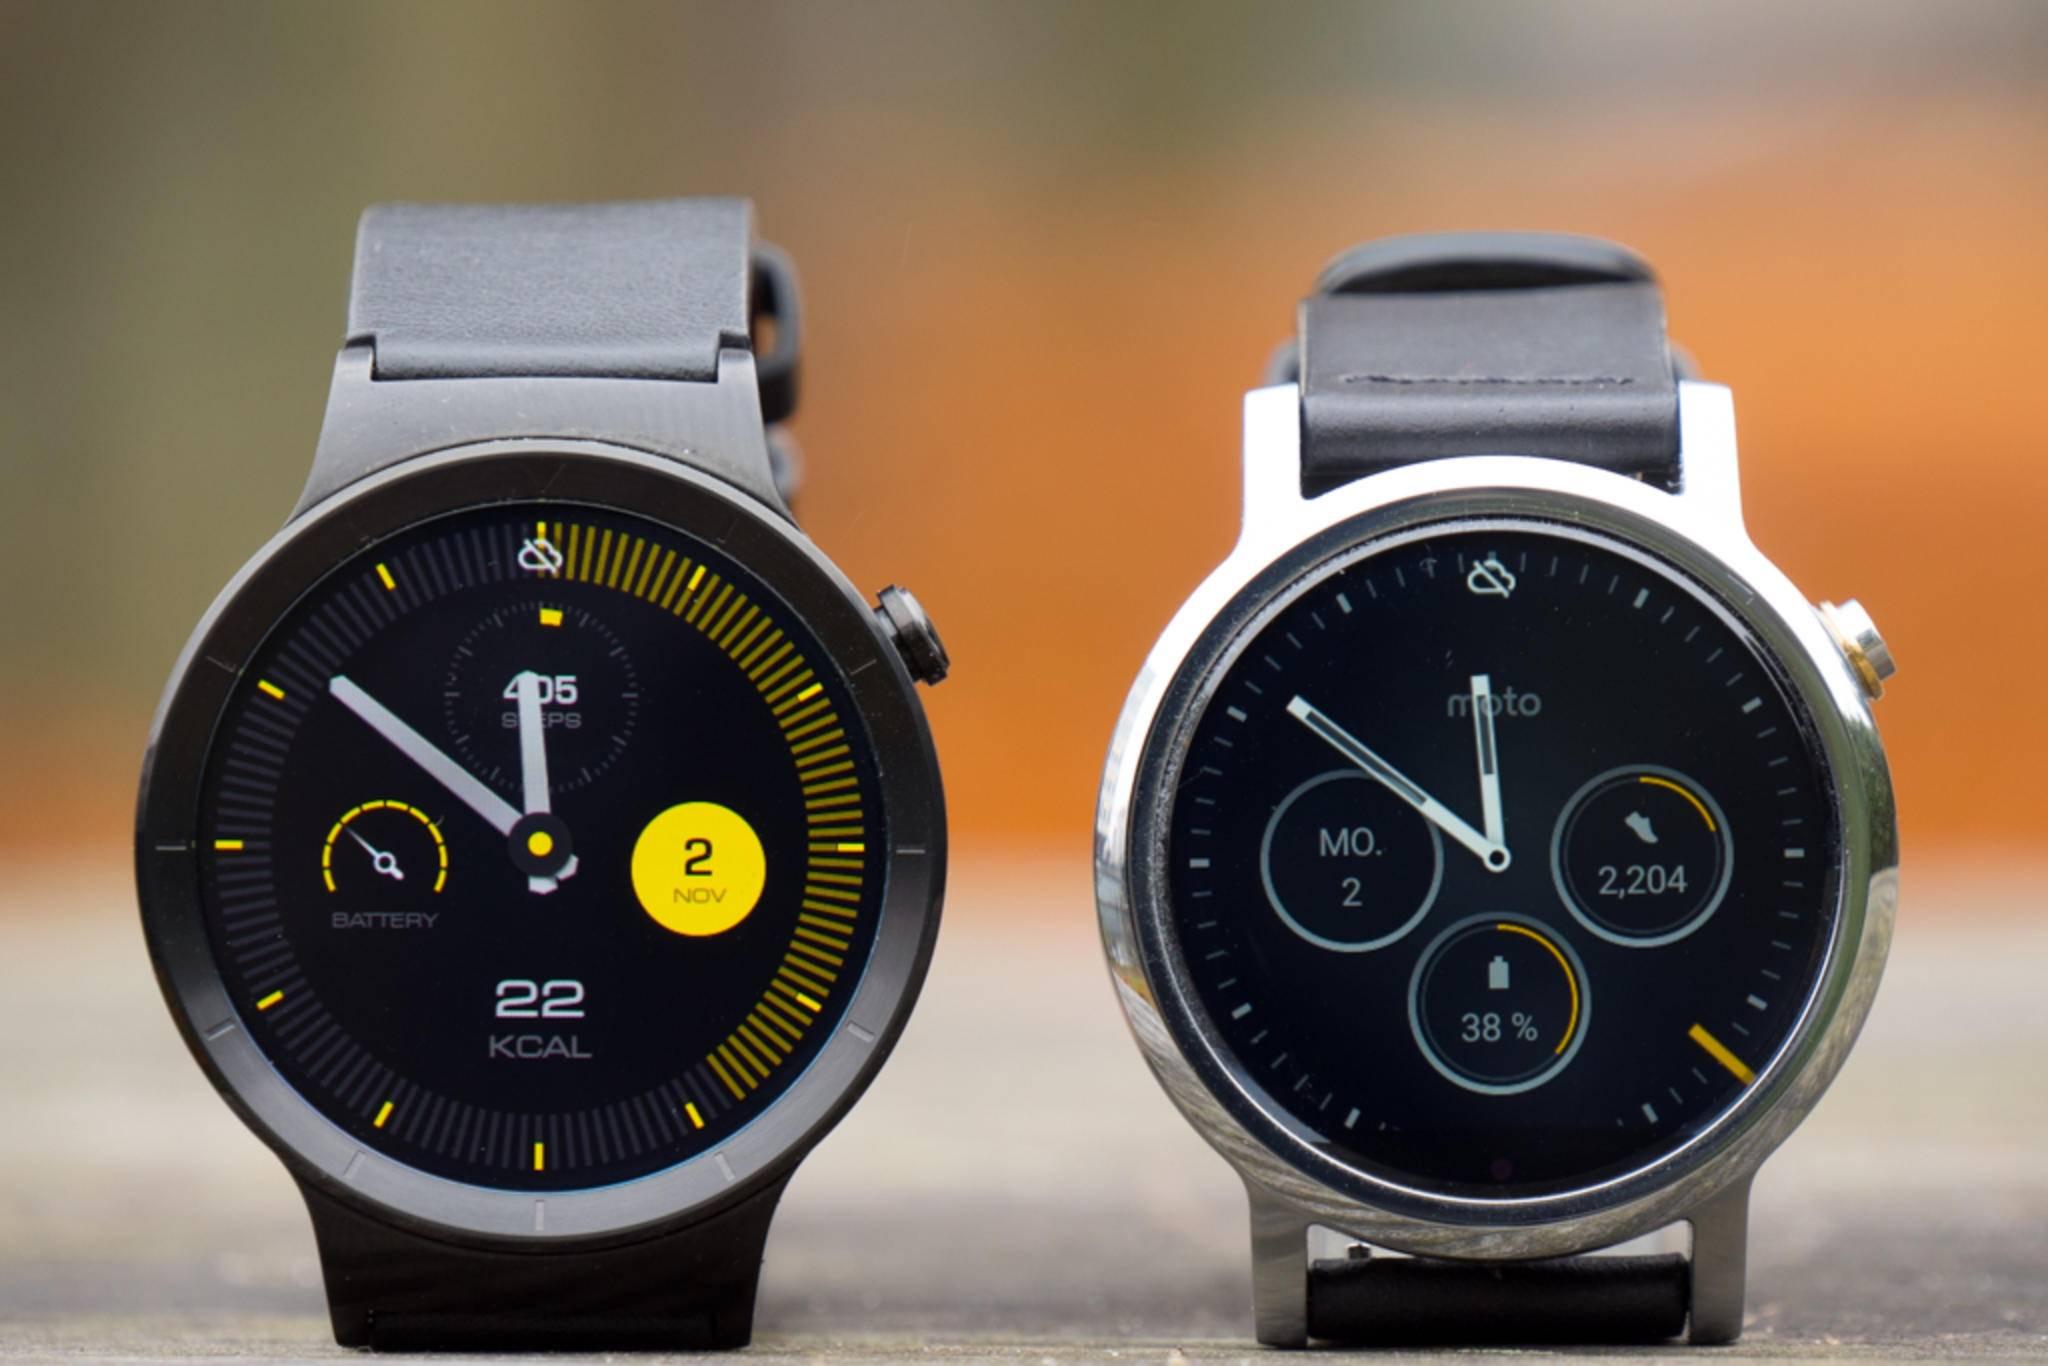 Diese Woche haben wir einen großen Smartwatch-Vergleich durchgeführt.